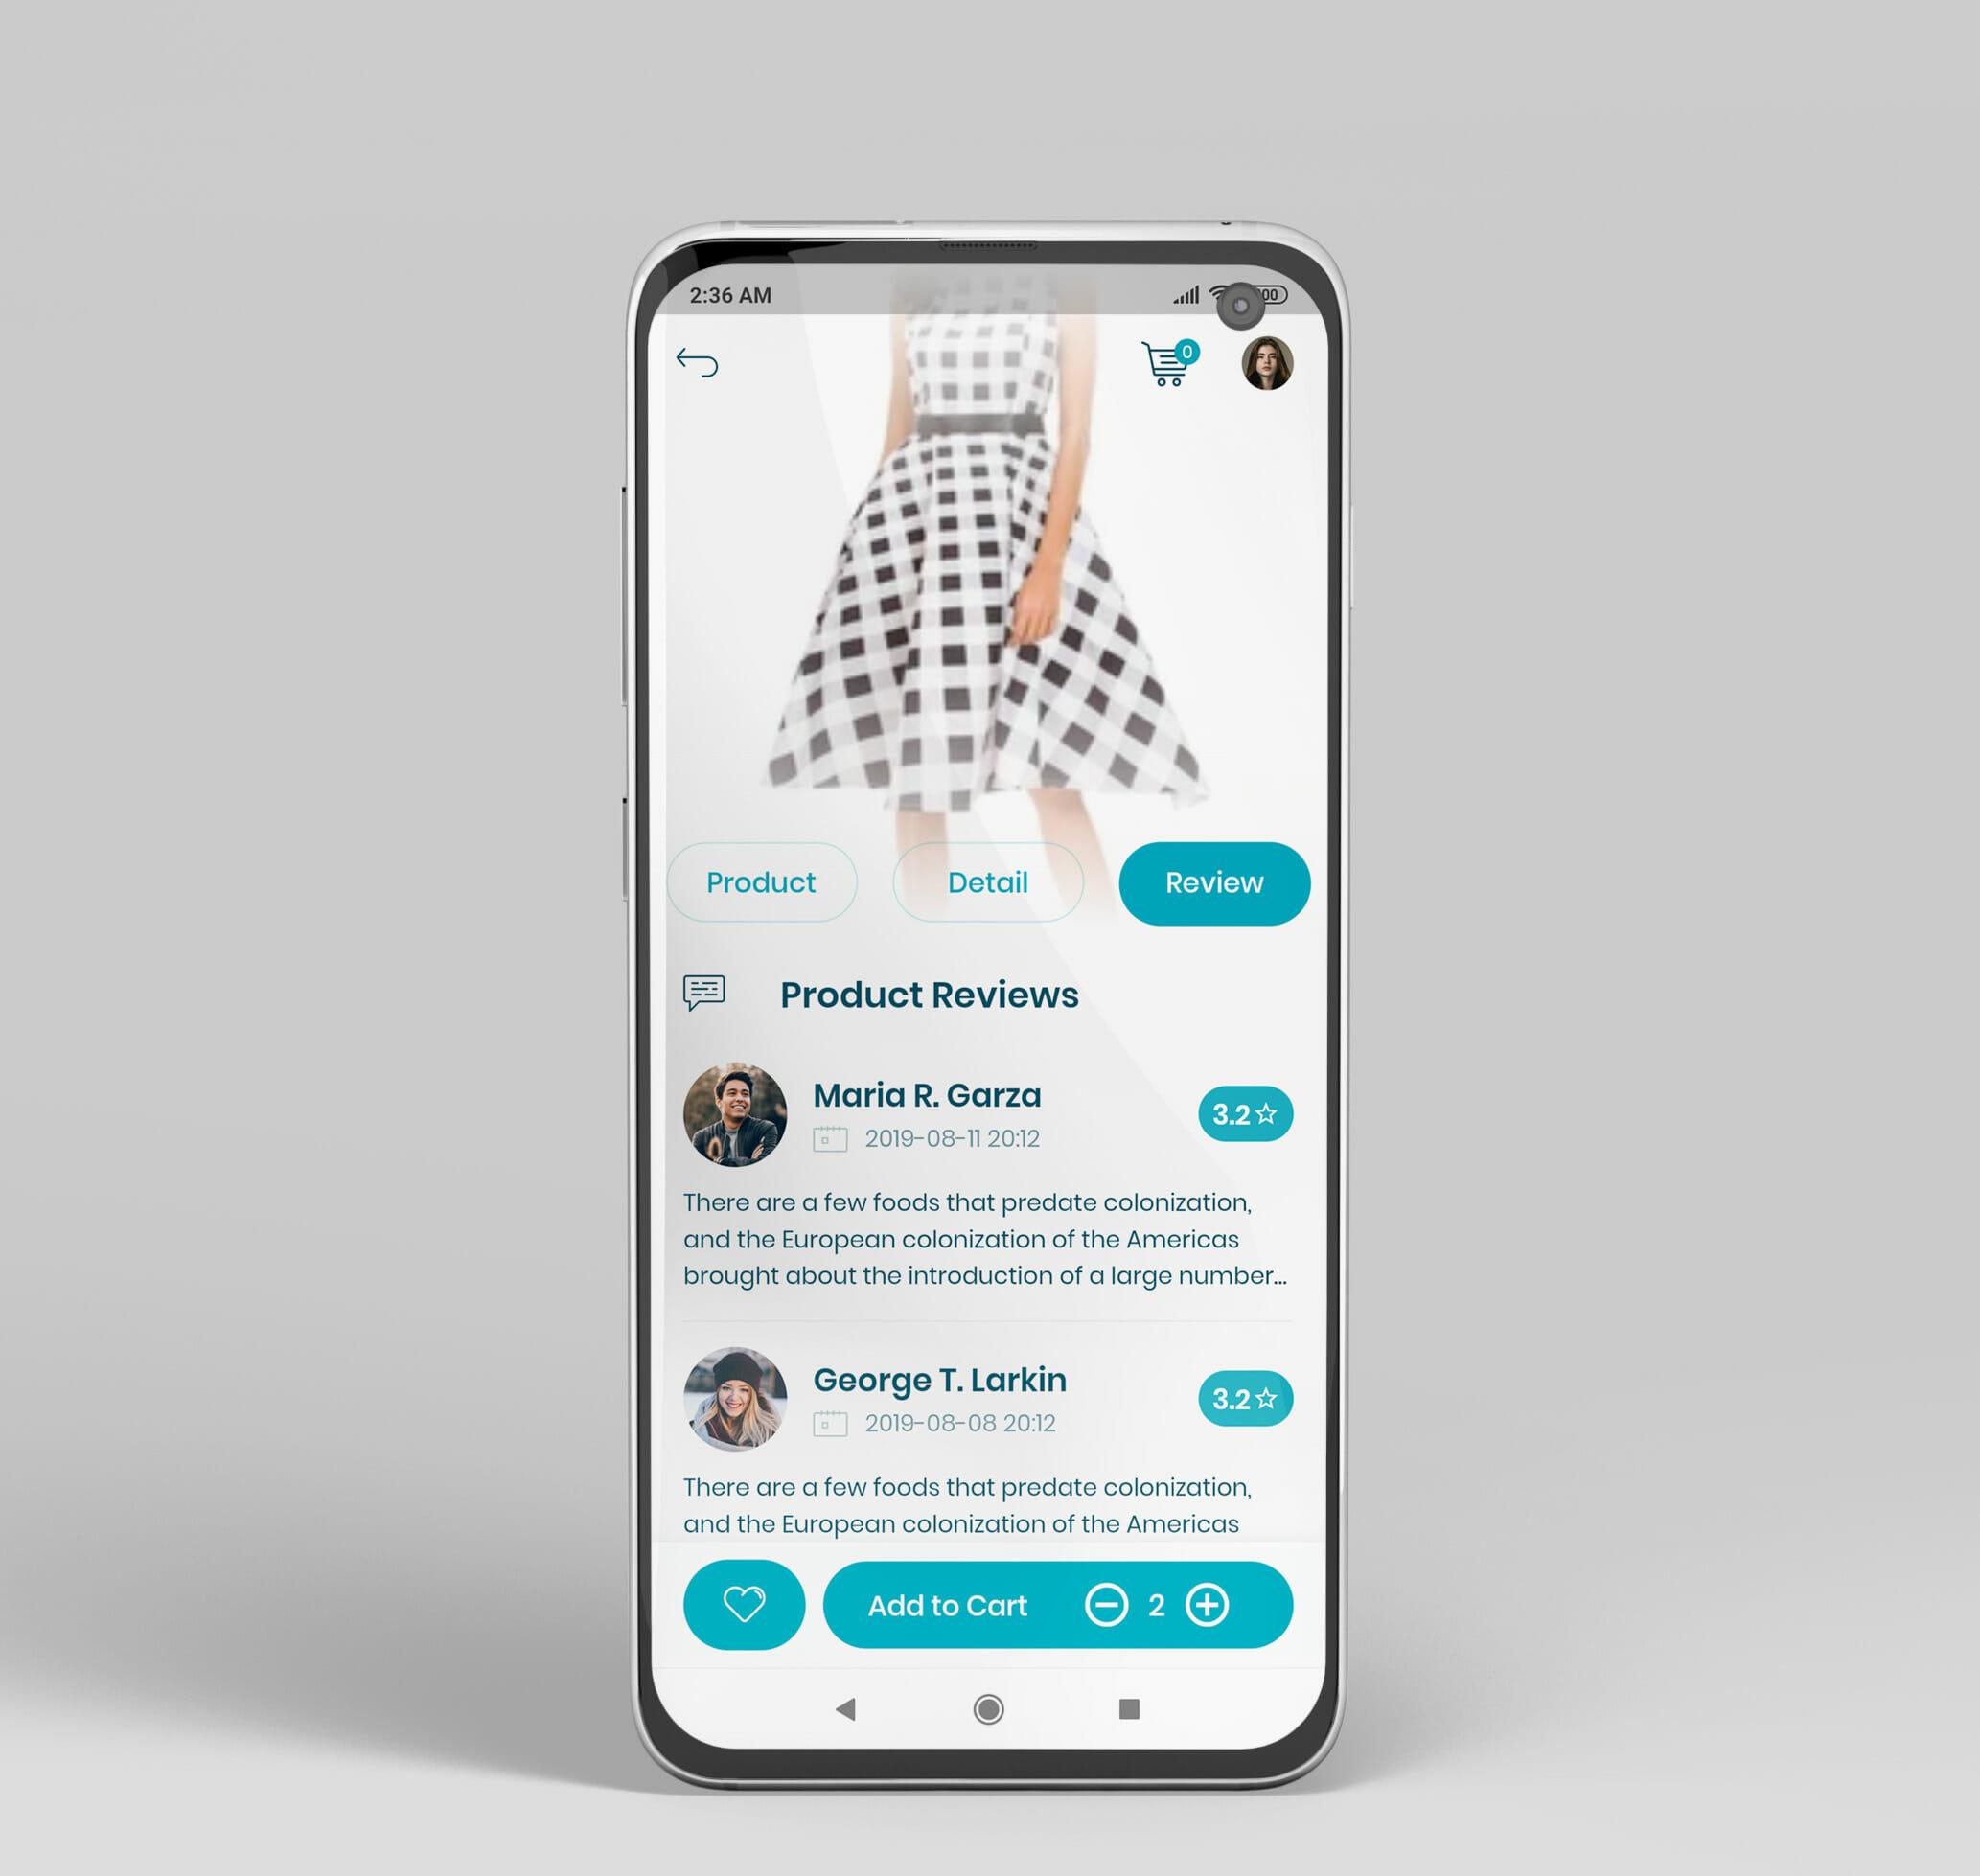 e commerce flutter app ui kit21